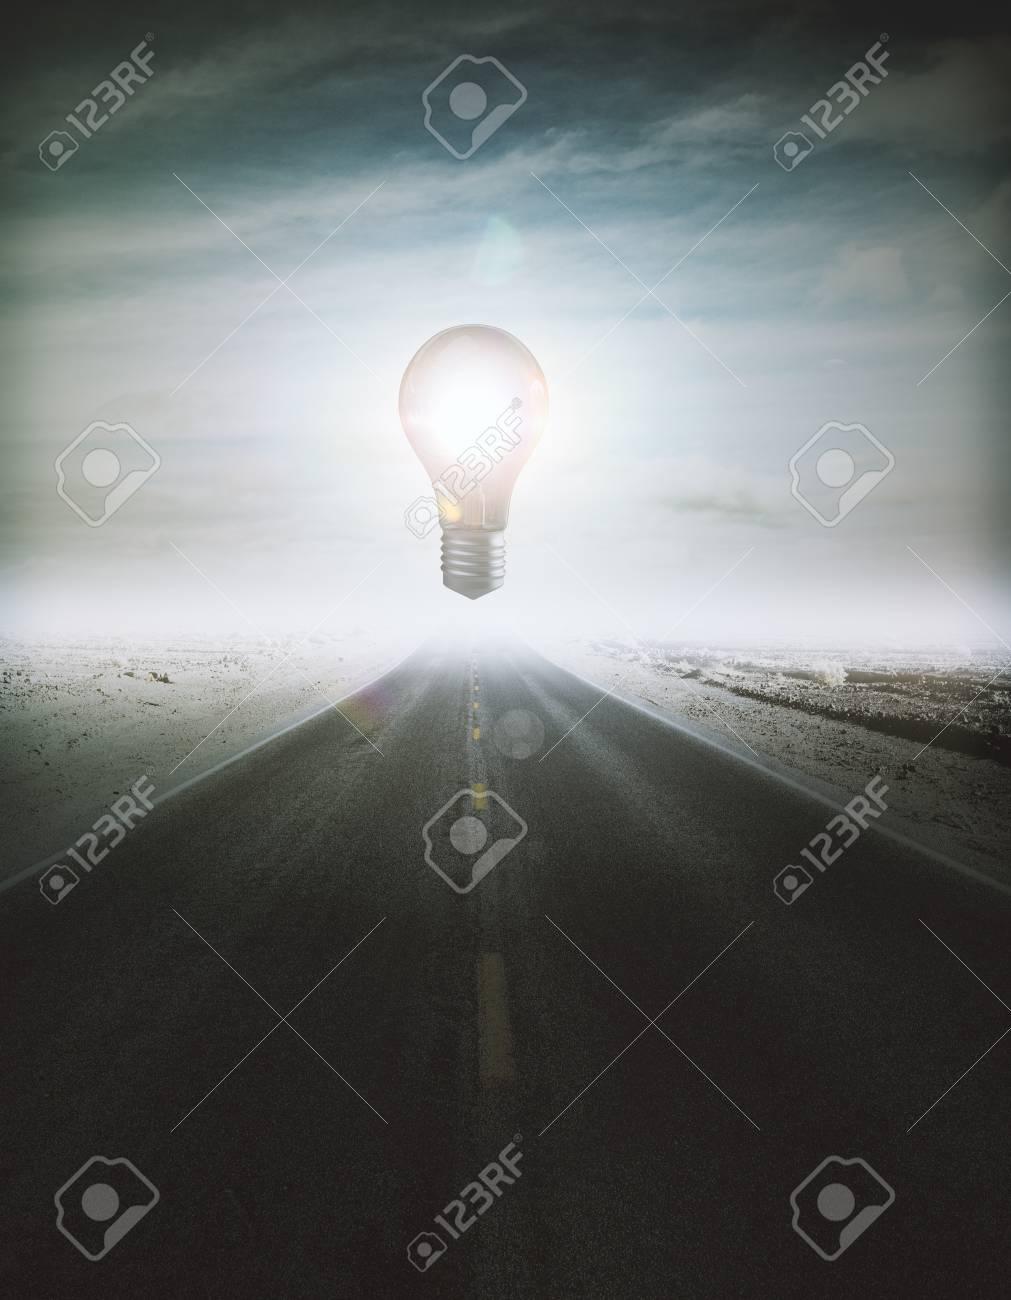 abstrakte glühende frei schwebende lampe mitten in straße. idee